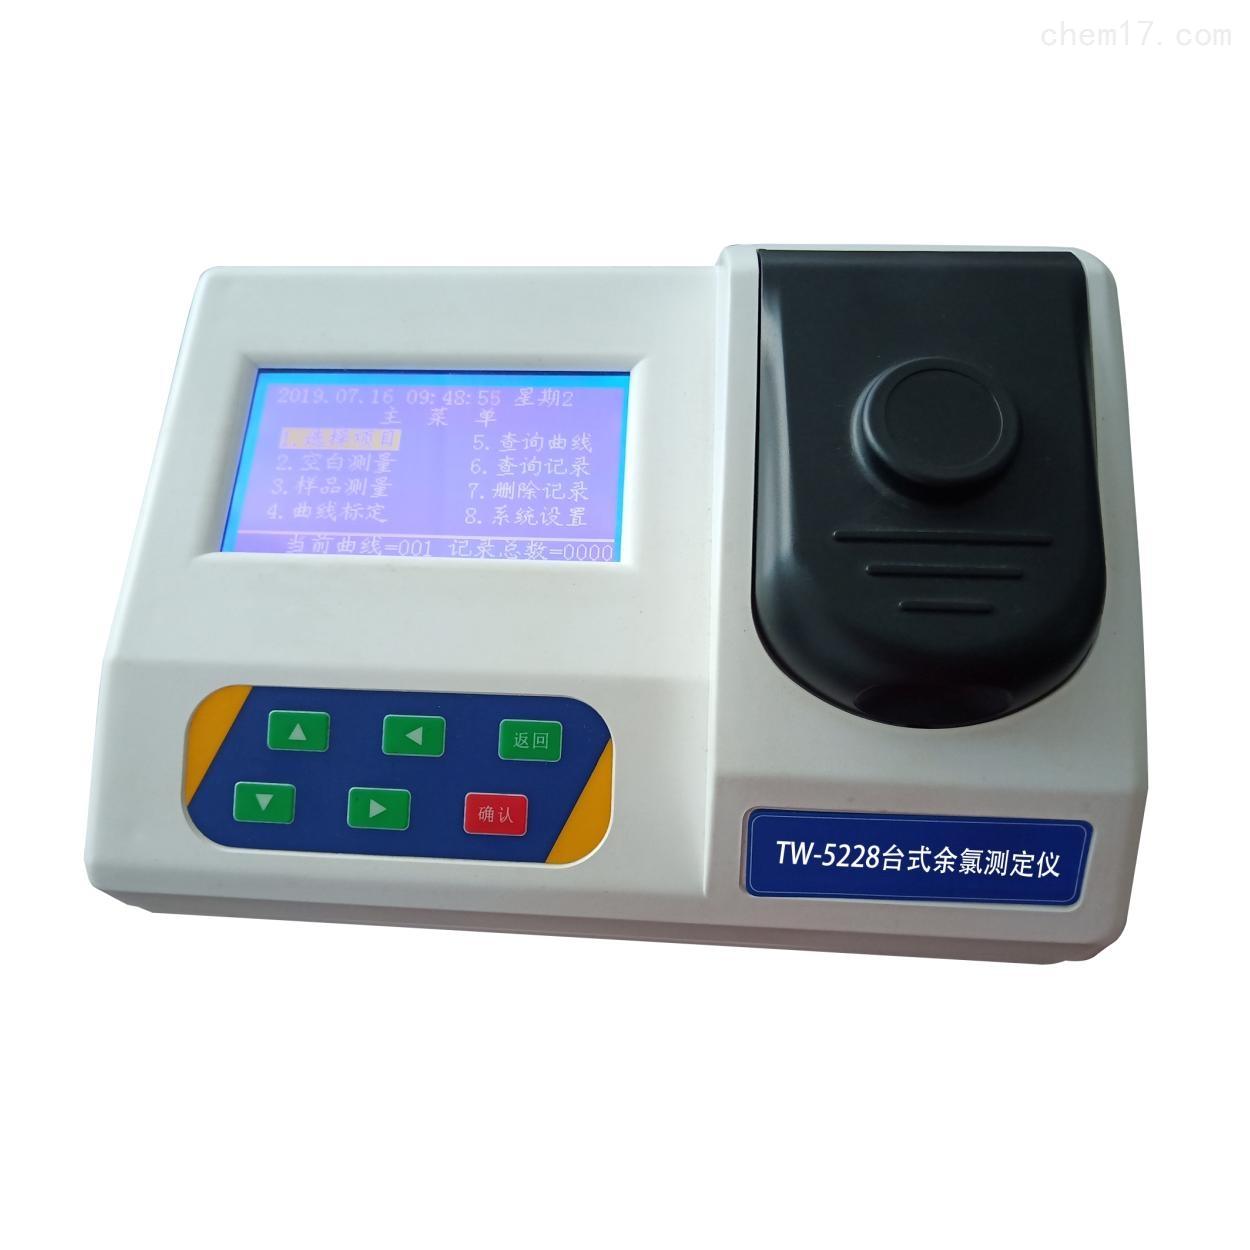 TW-5228台式余氯分析仪